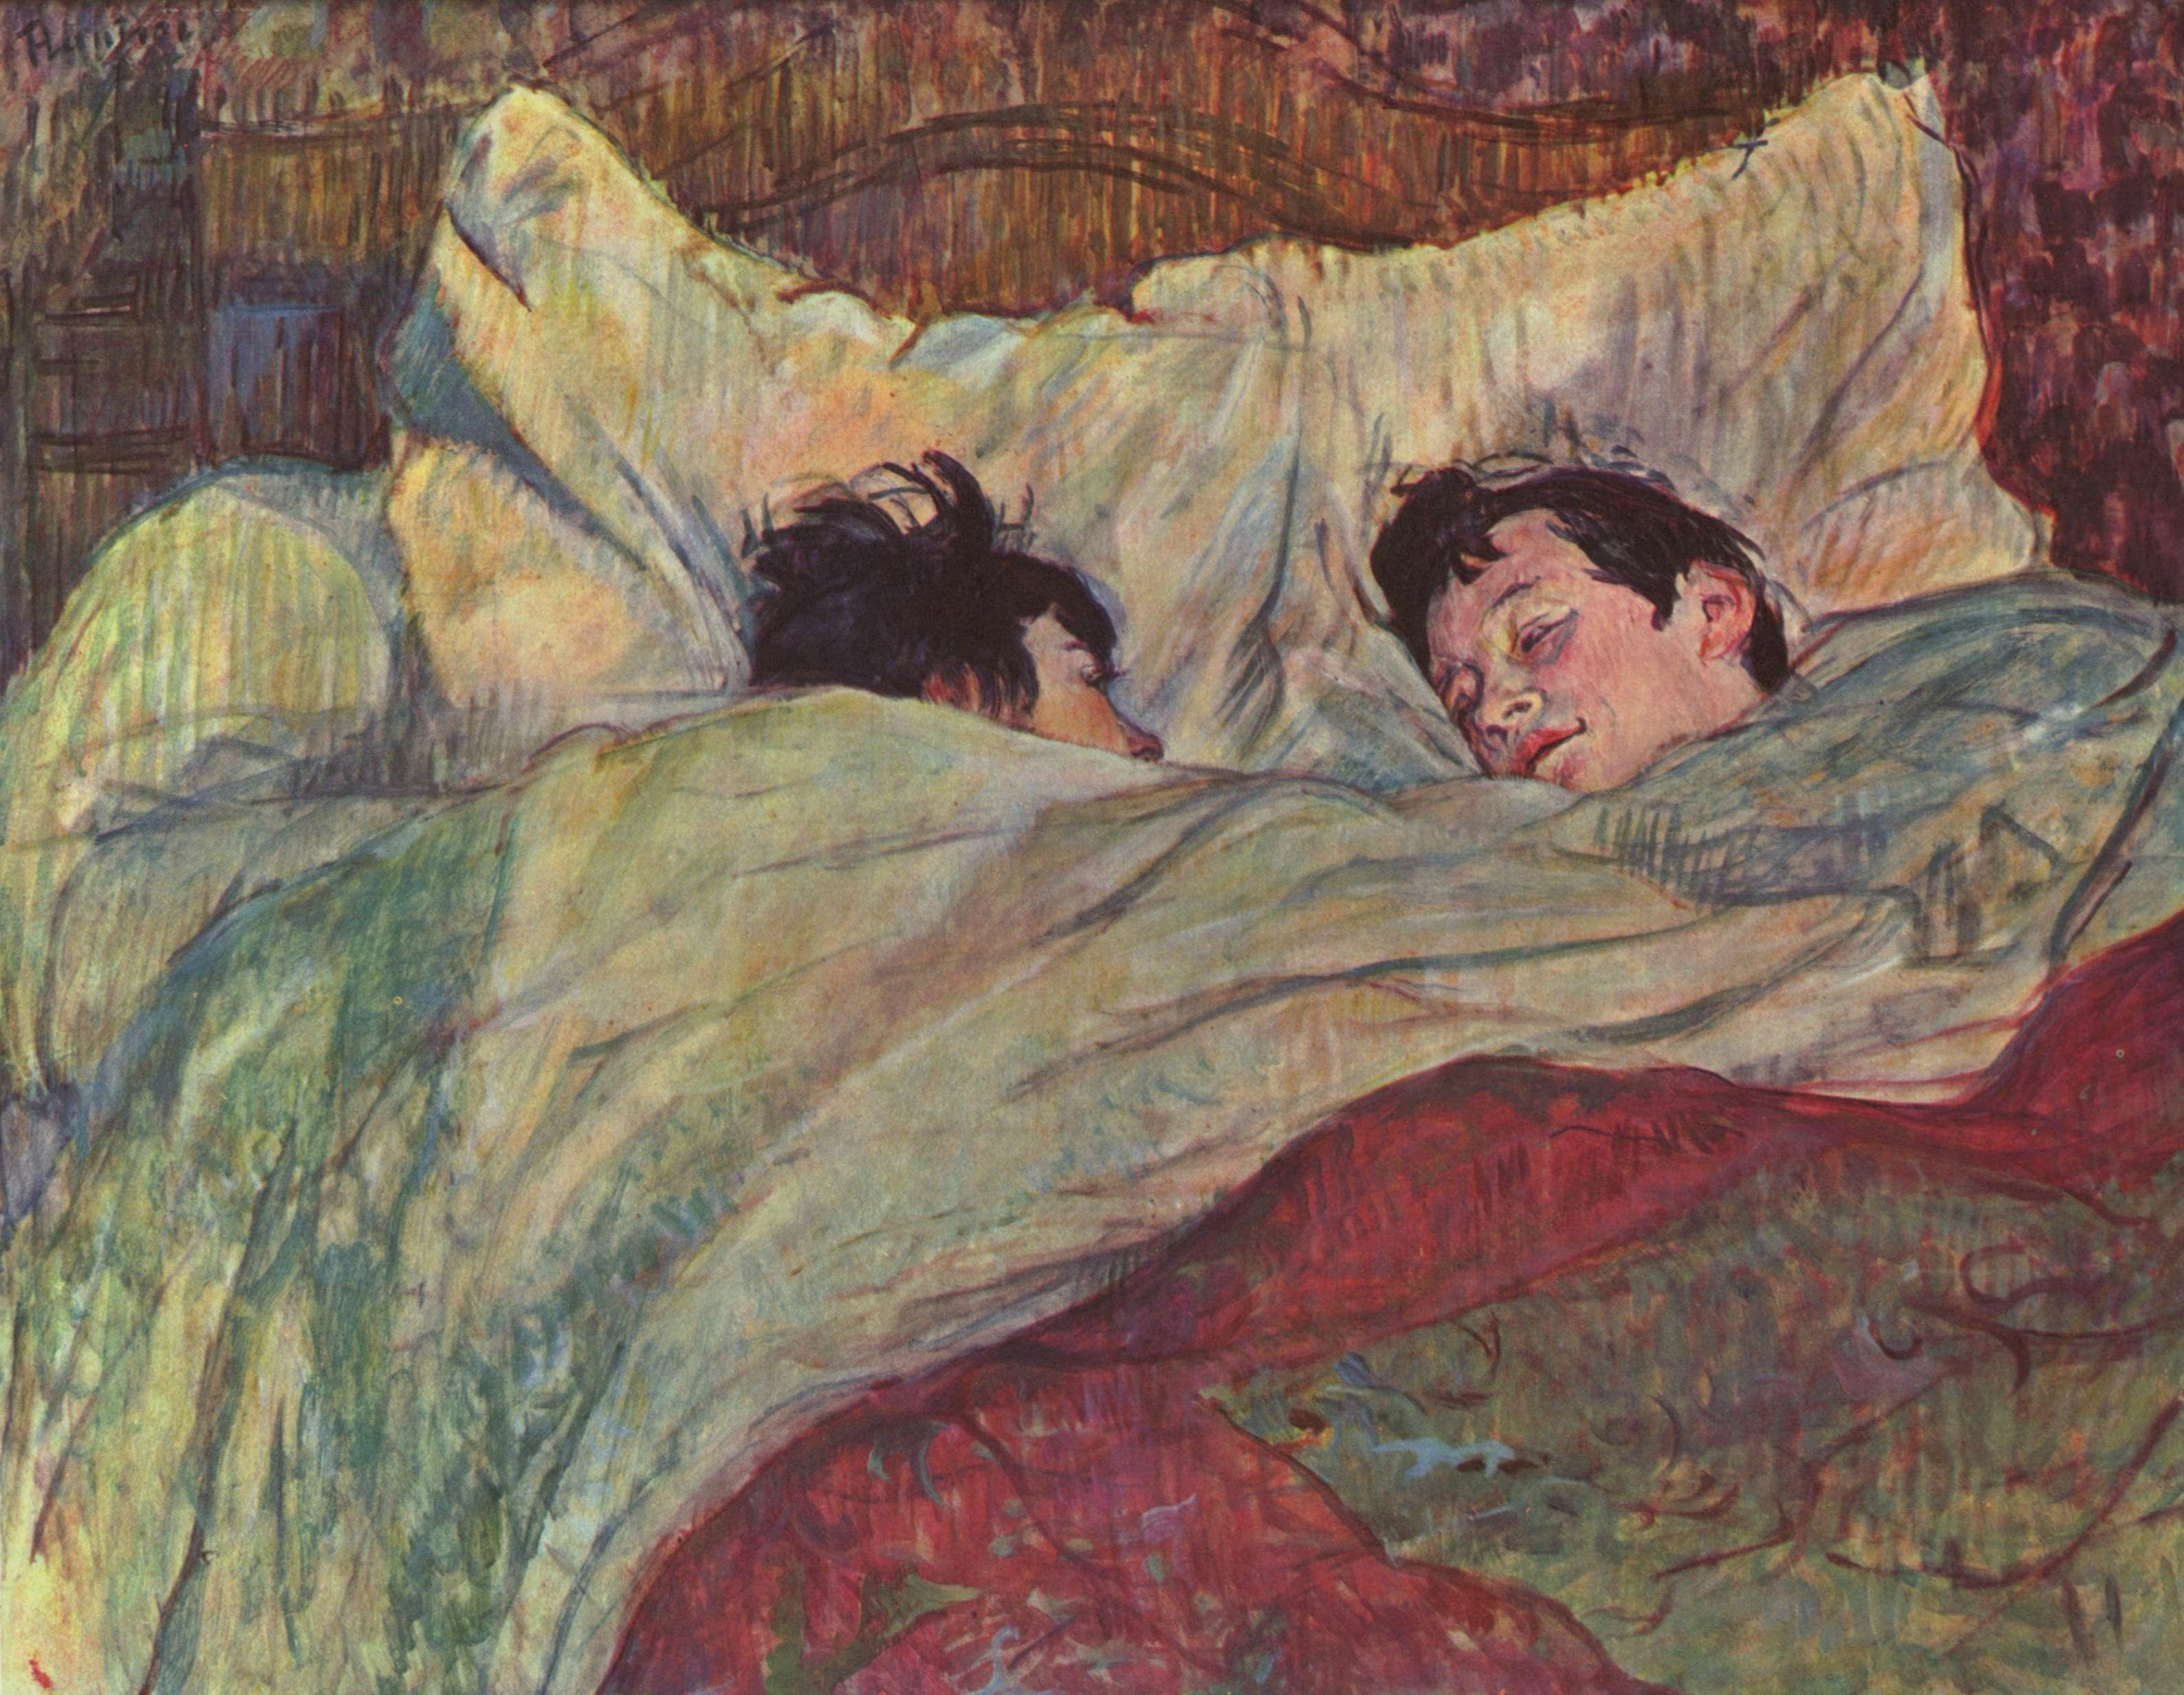 Henri De Toulouse Lautrec In Bed 1893 Toulouse Lautrec Paintings Henri De Toulouse Lautrec Posters Art Prints